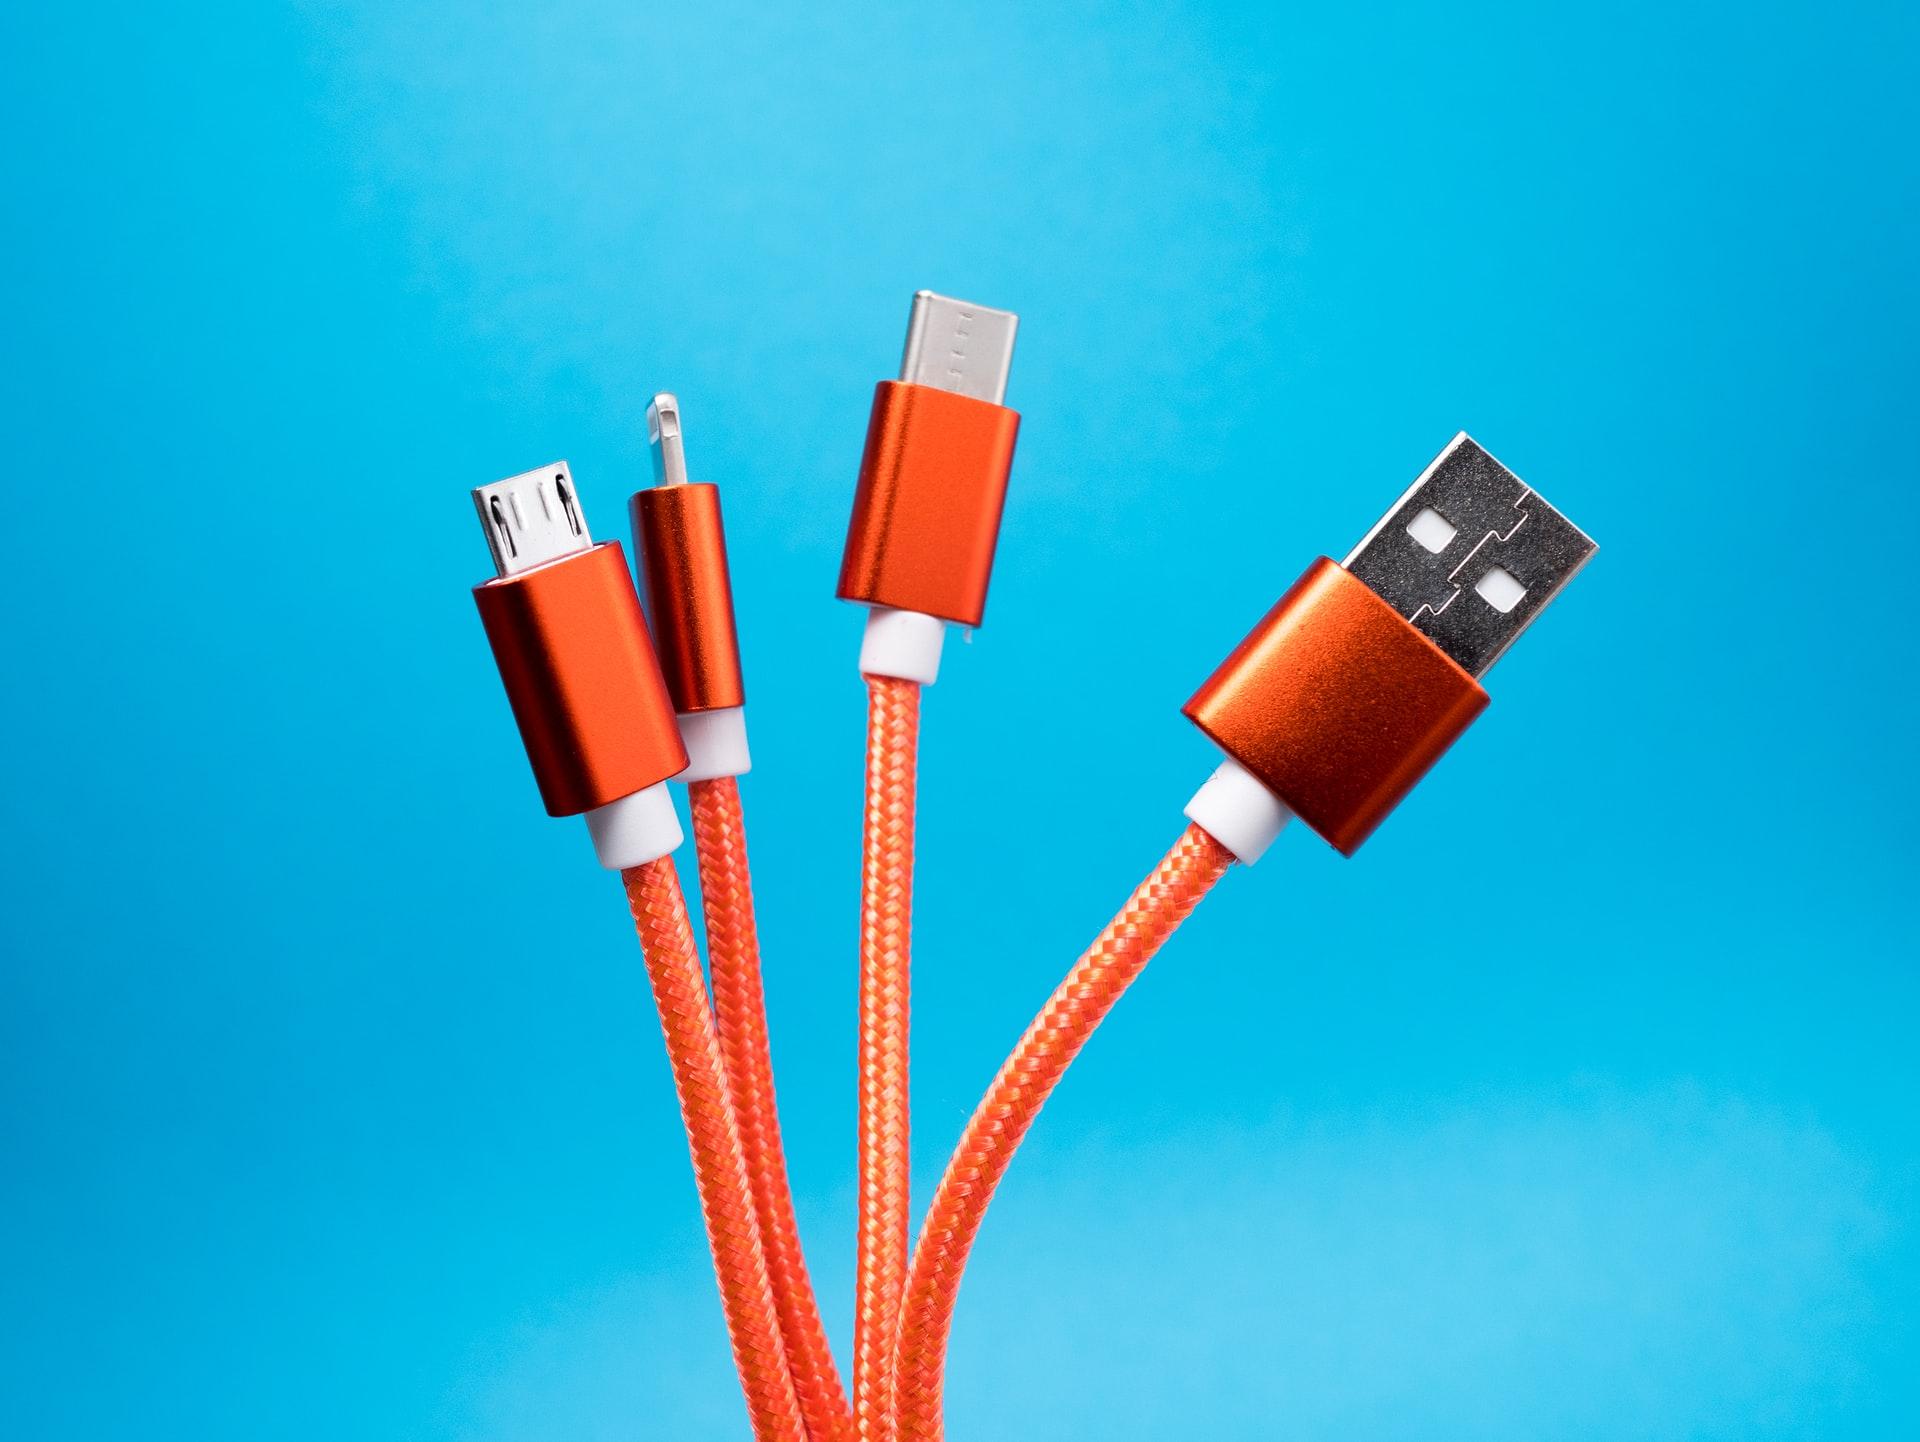 cargaddor de diferentes conectores